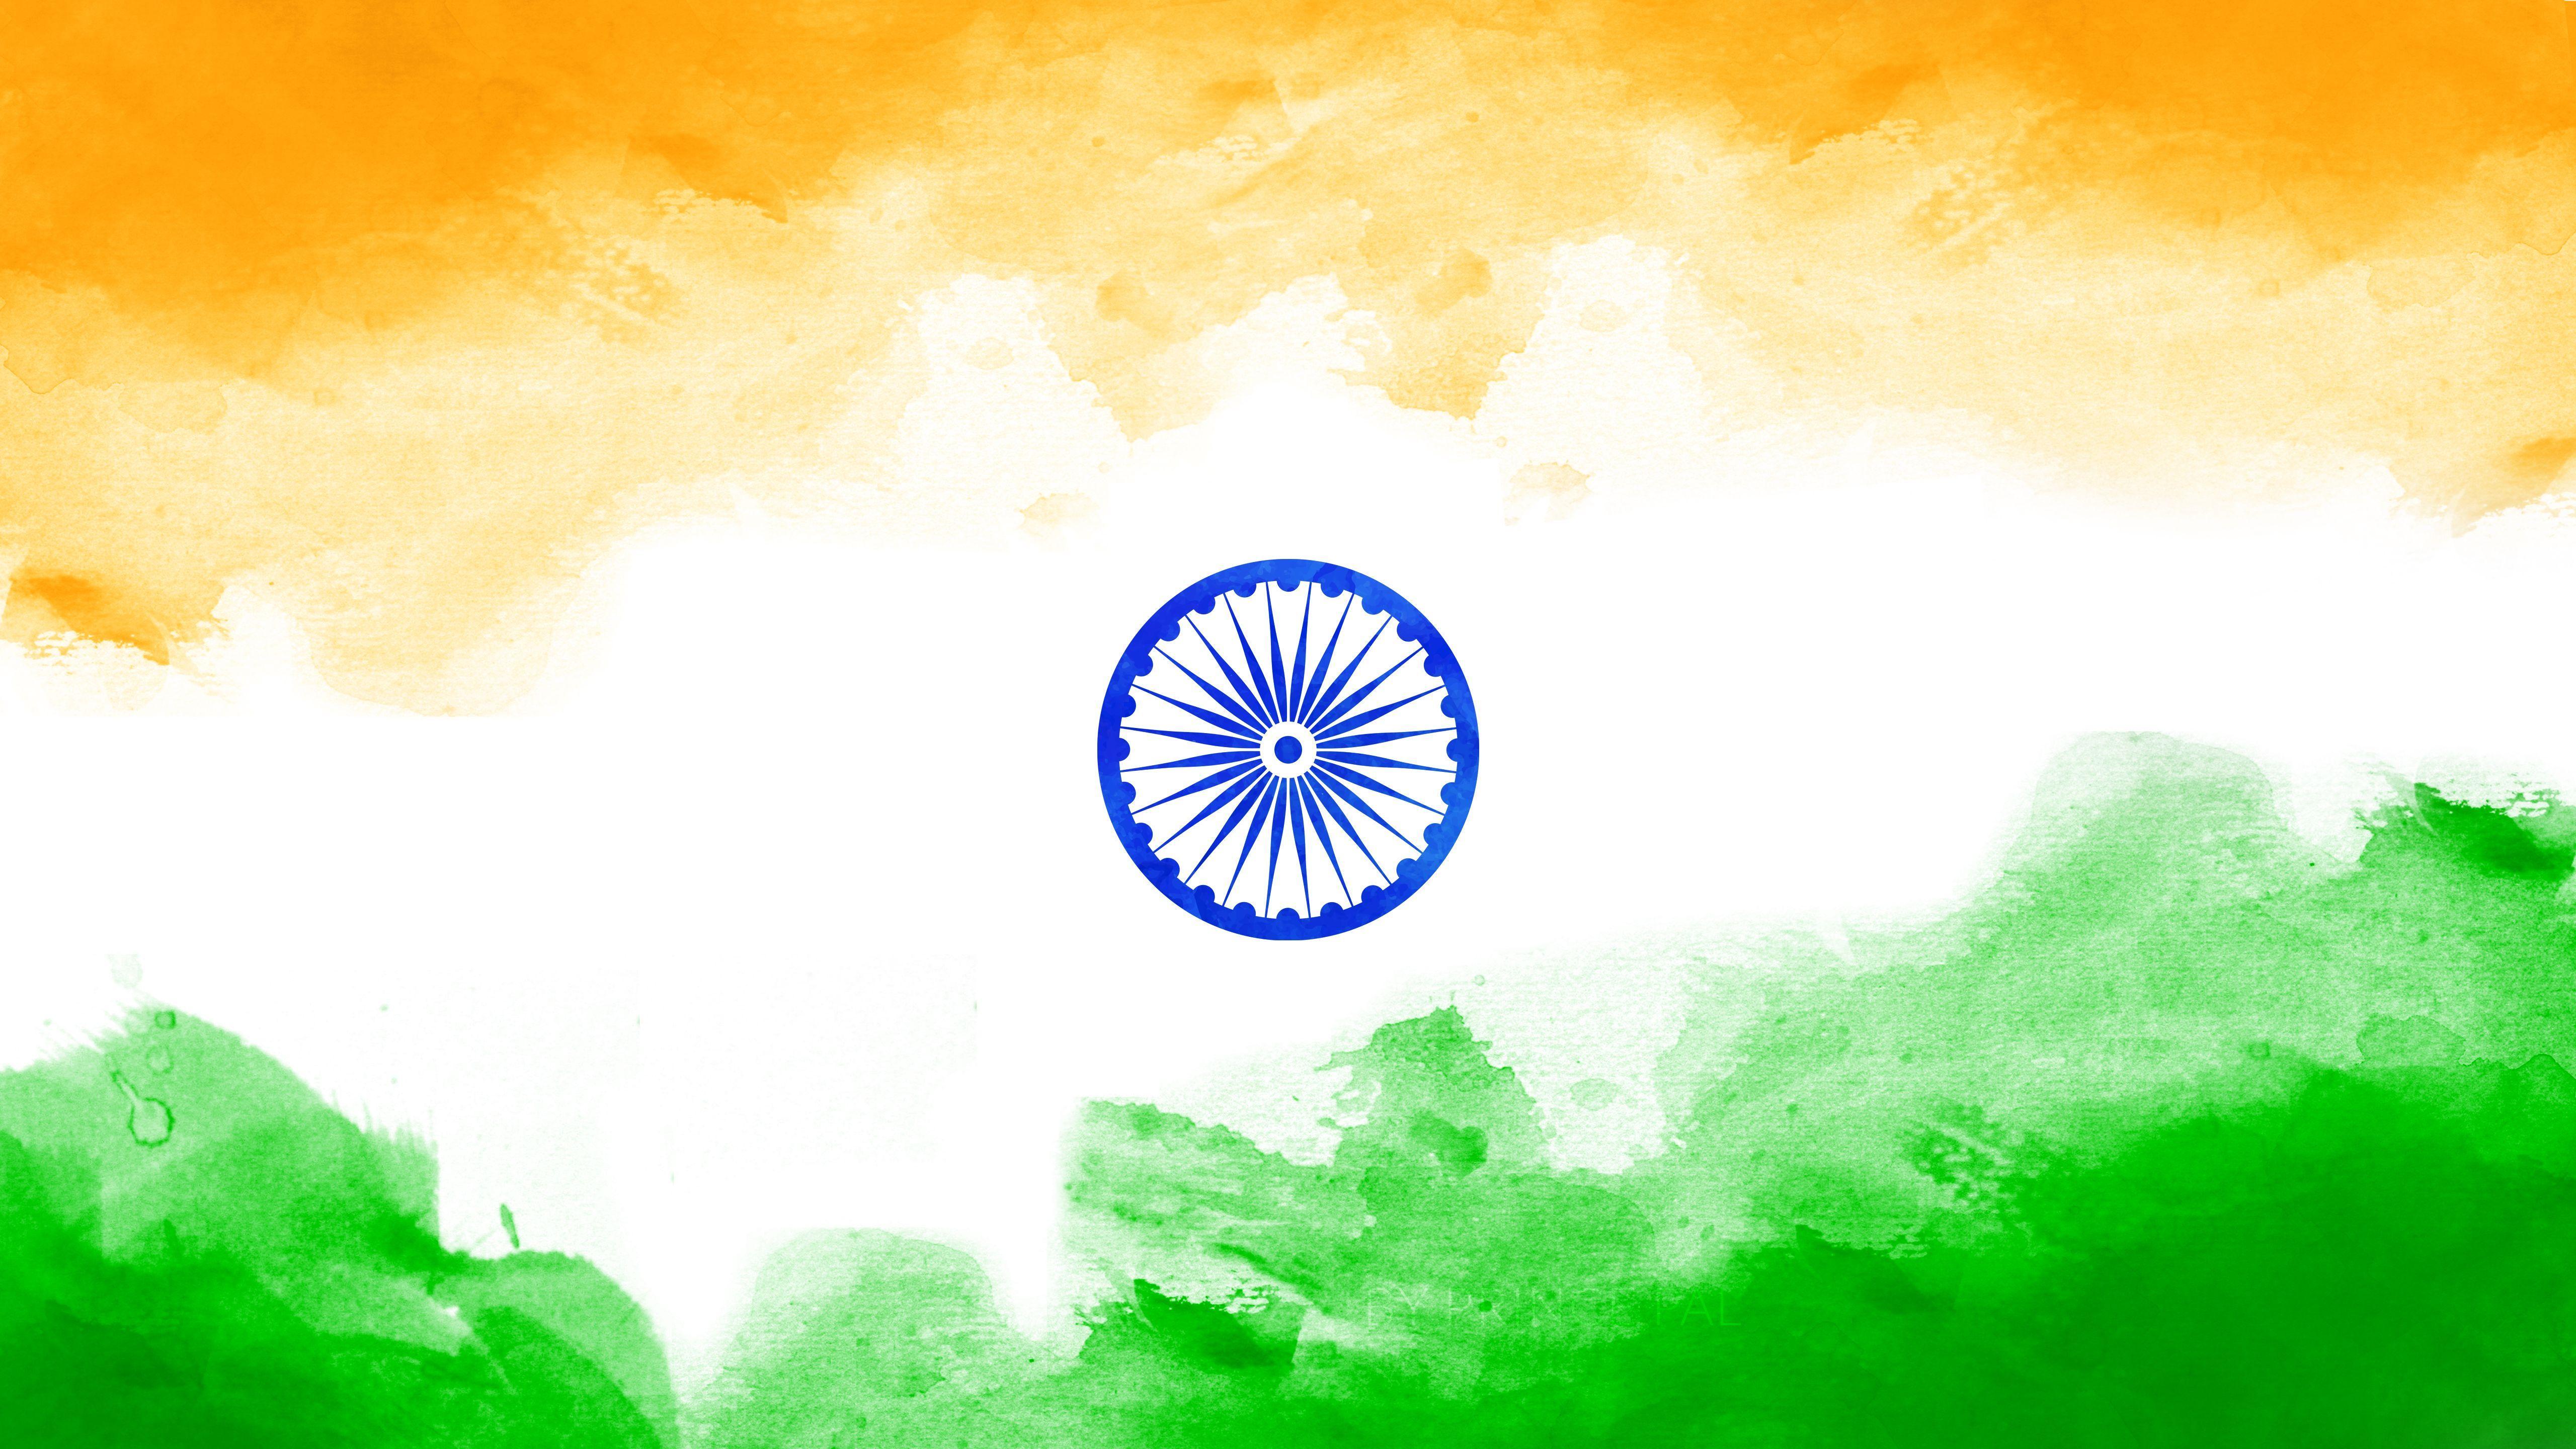 5120x2880 Hình nền cờ Ấn Độ - Chúc mừng ngày quốc khánh